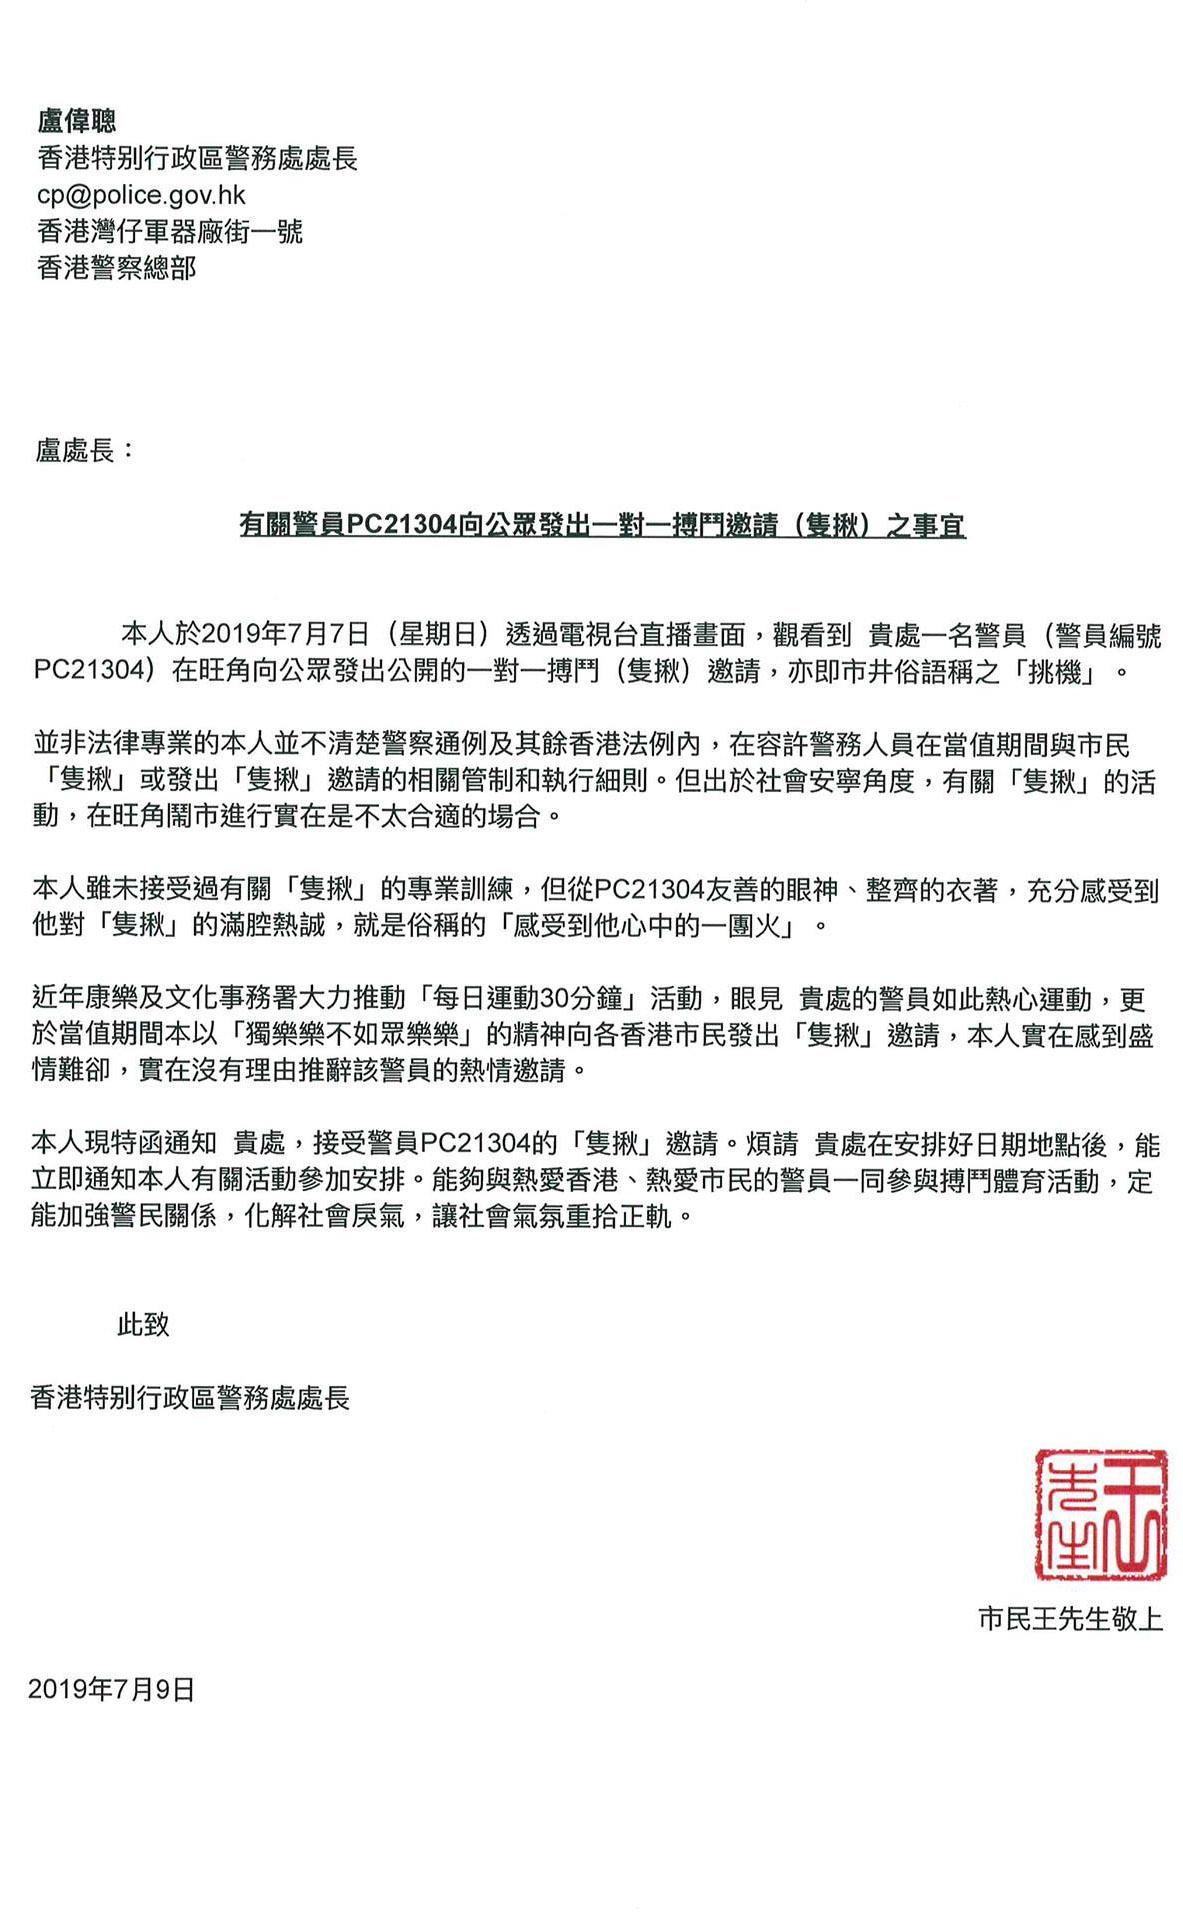 王先生去信警務處處長 應約同警員隻揪 – 白丁往來誌